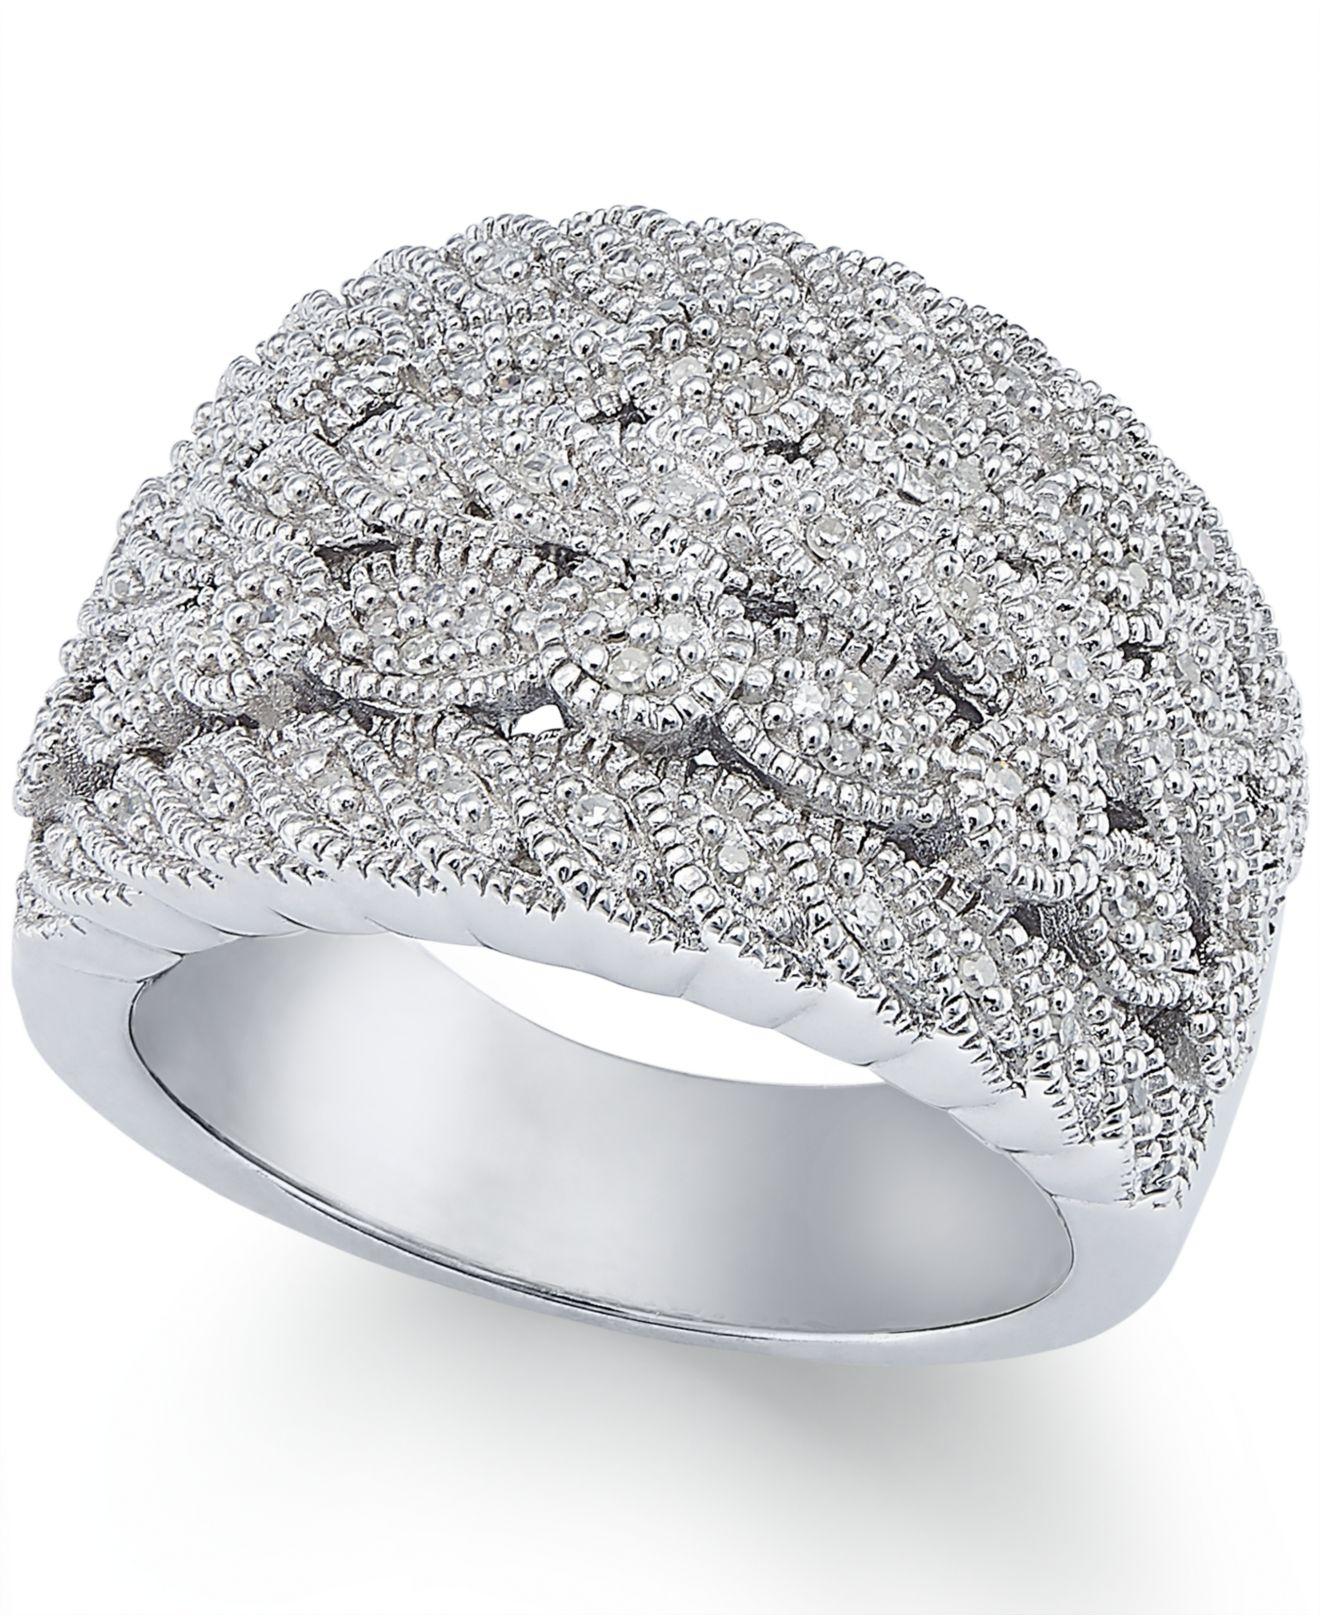 8b0b37386 Lyst - Macy's Diamond Milgrain Ring In Sterling Silver (1/5 Ct. T.w. ...